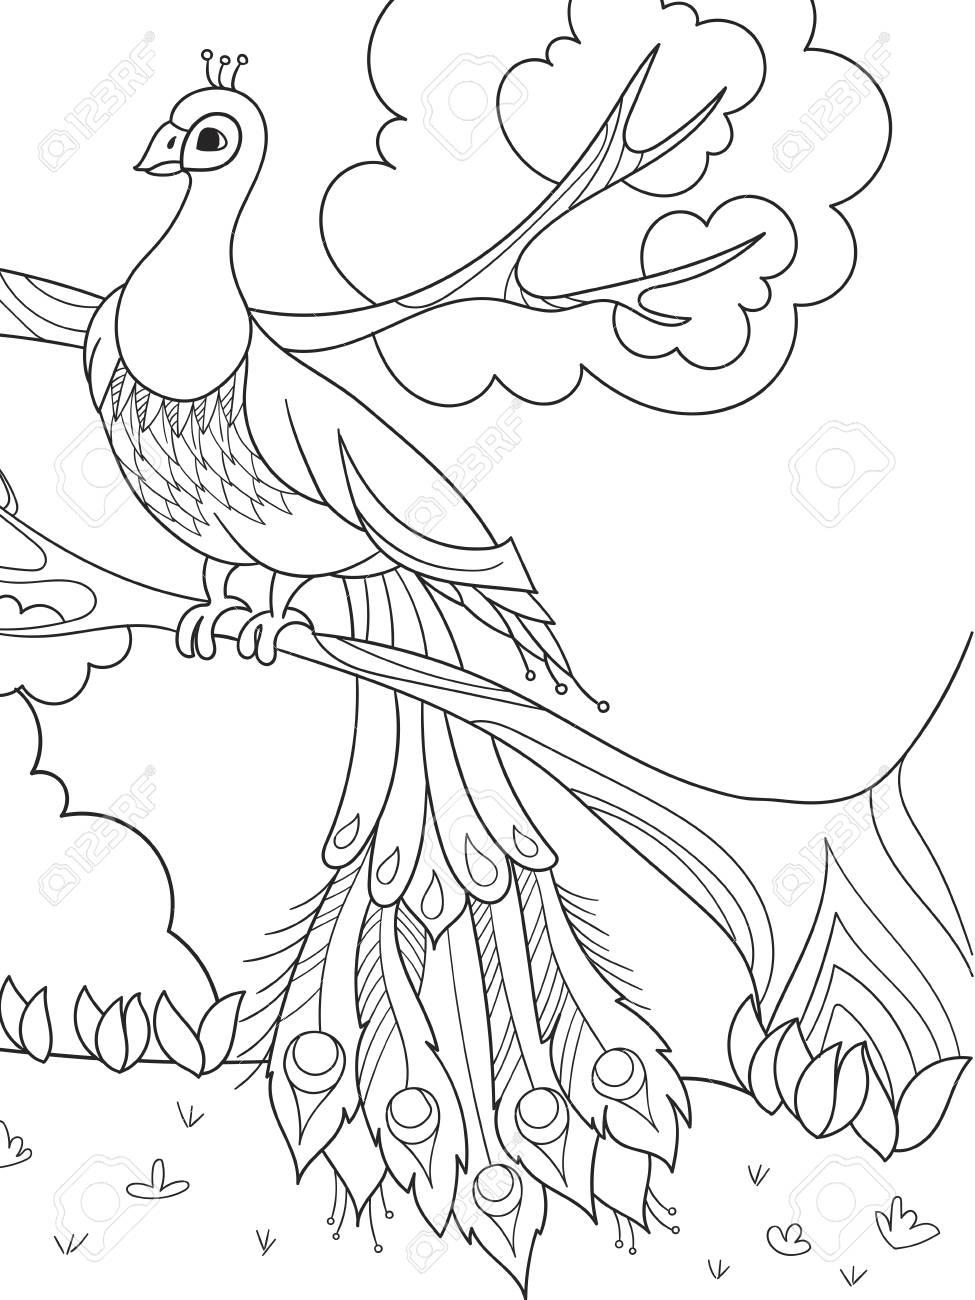 Dibujos Animados Para Colorear Para Niños Un Pájaro Una Pluma De Pájaro O Un Pavo Real En Un árbol